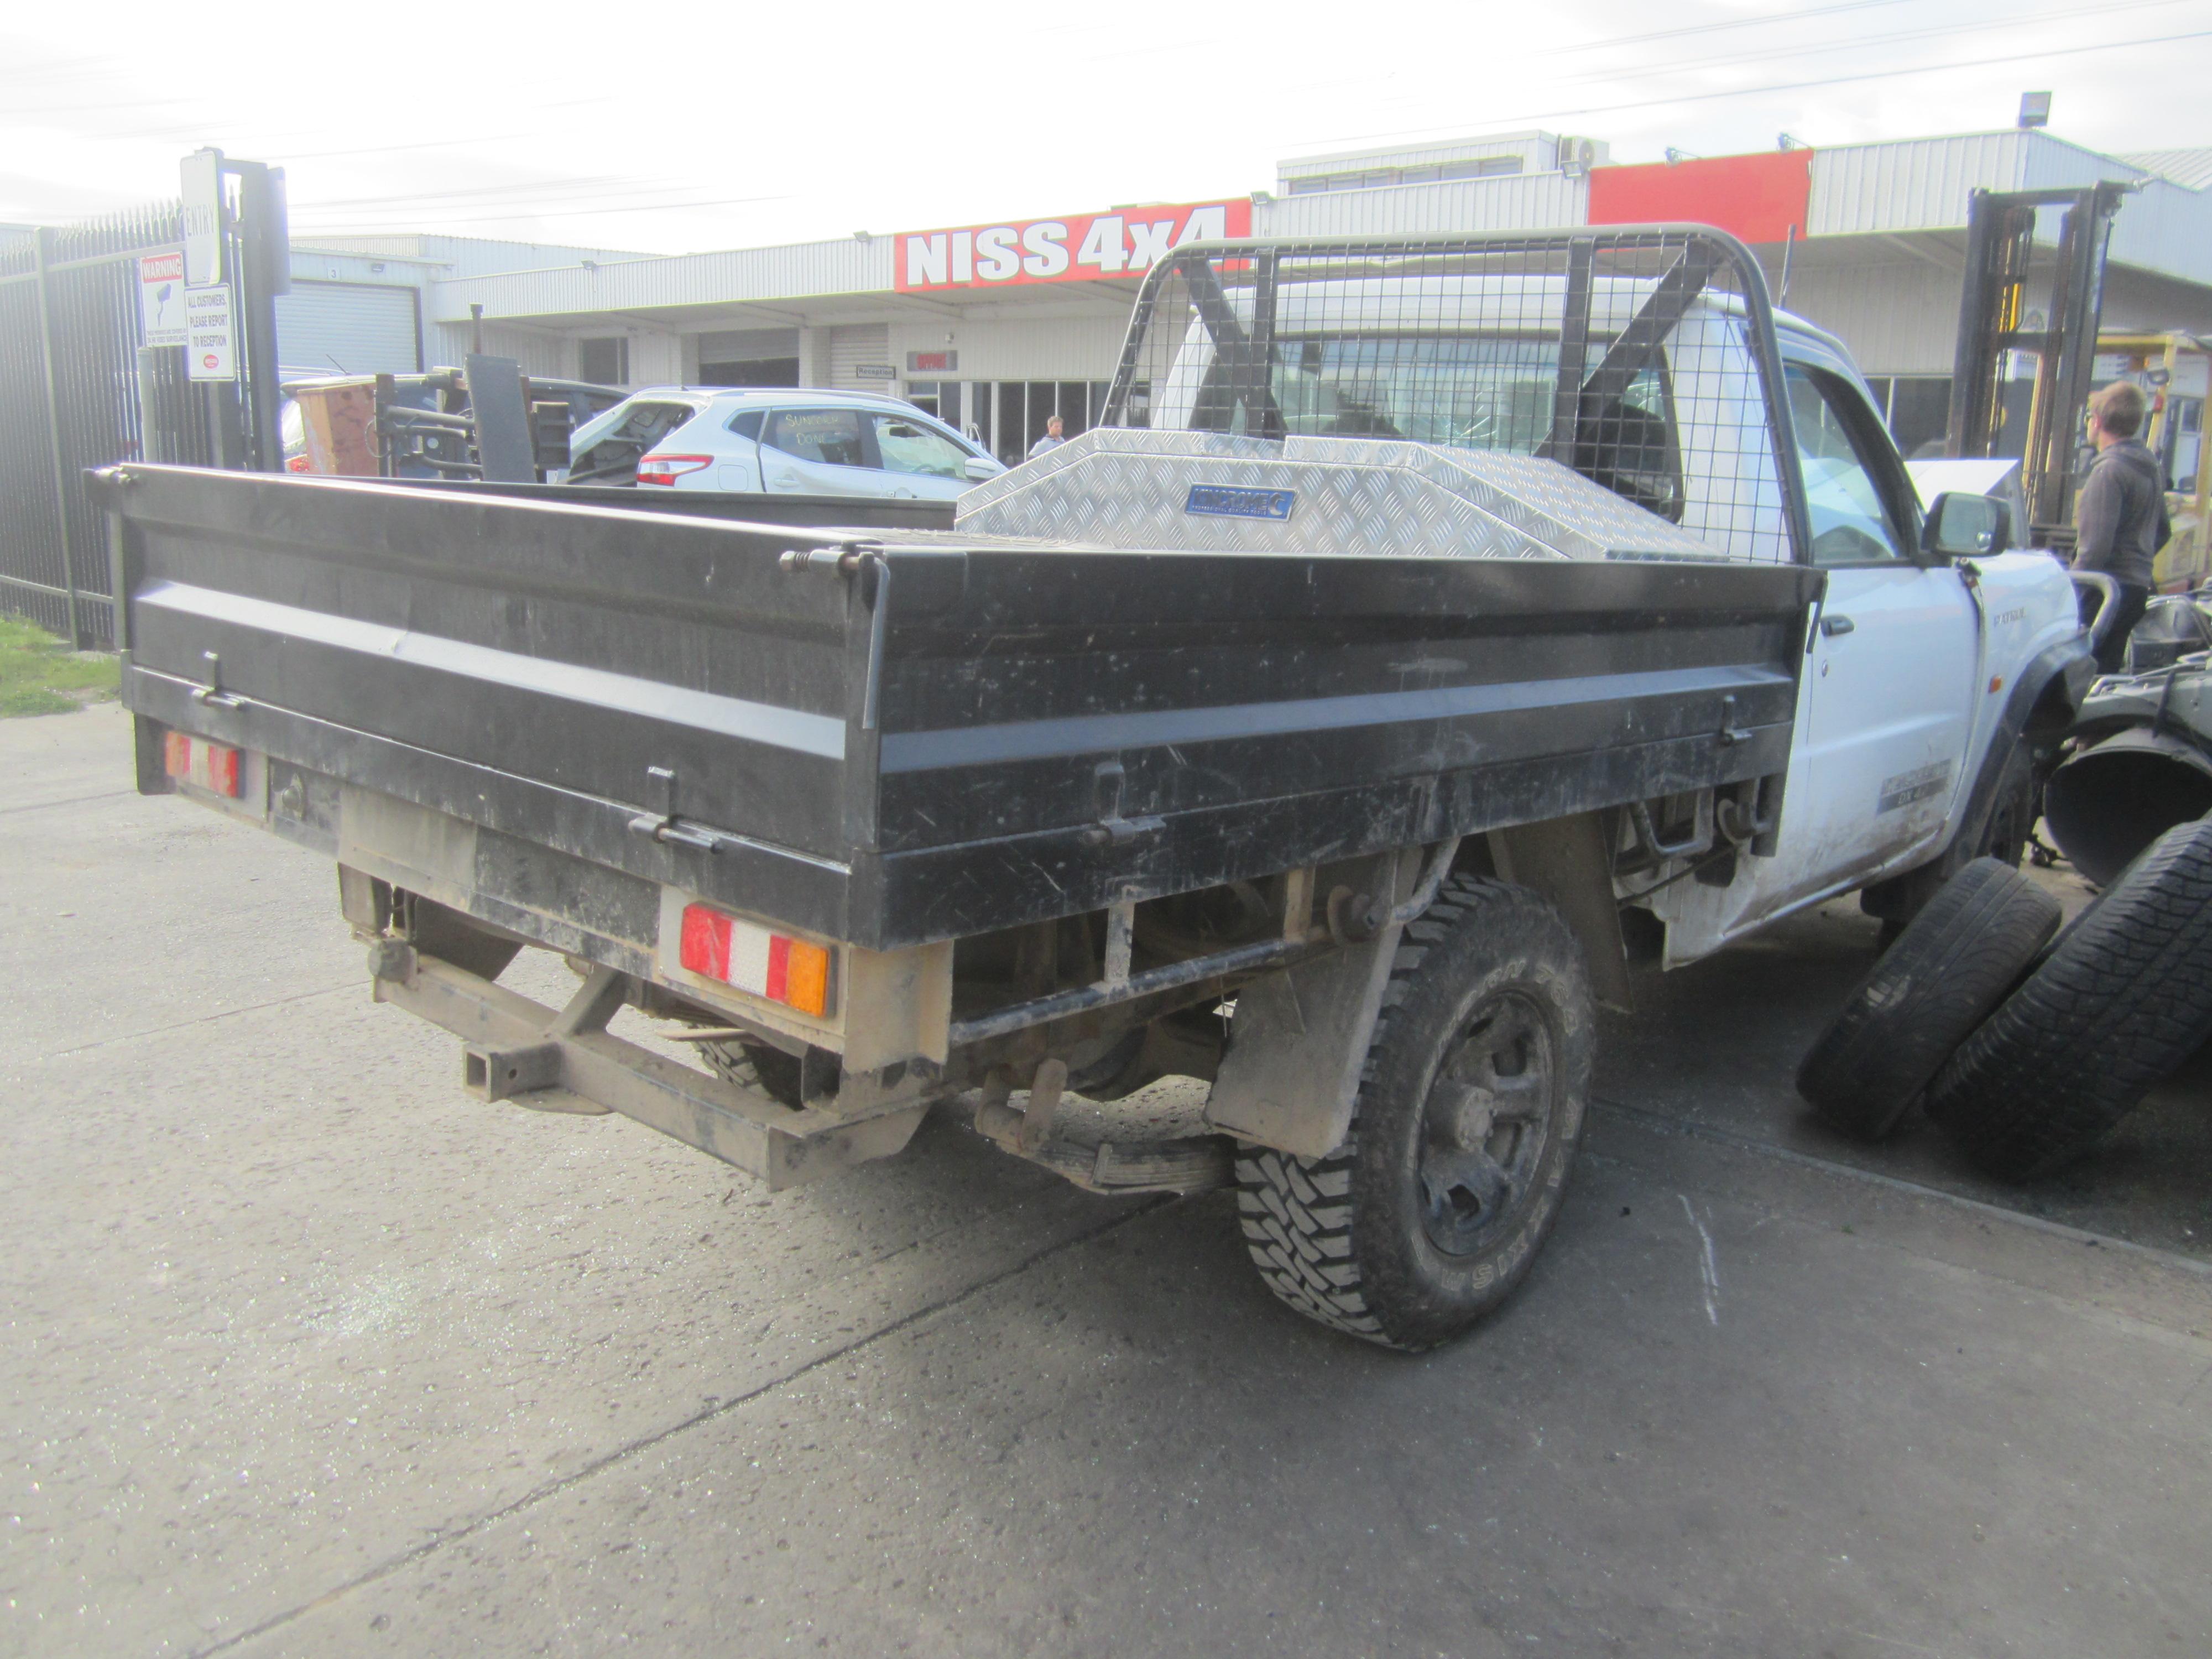 nissan patrol y61 gu dx ute td42 turbo diesel intercooled wrecking. Black Bedroom Furniture Sets. Home Design Ideas